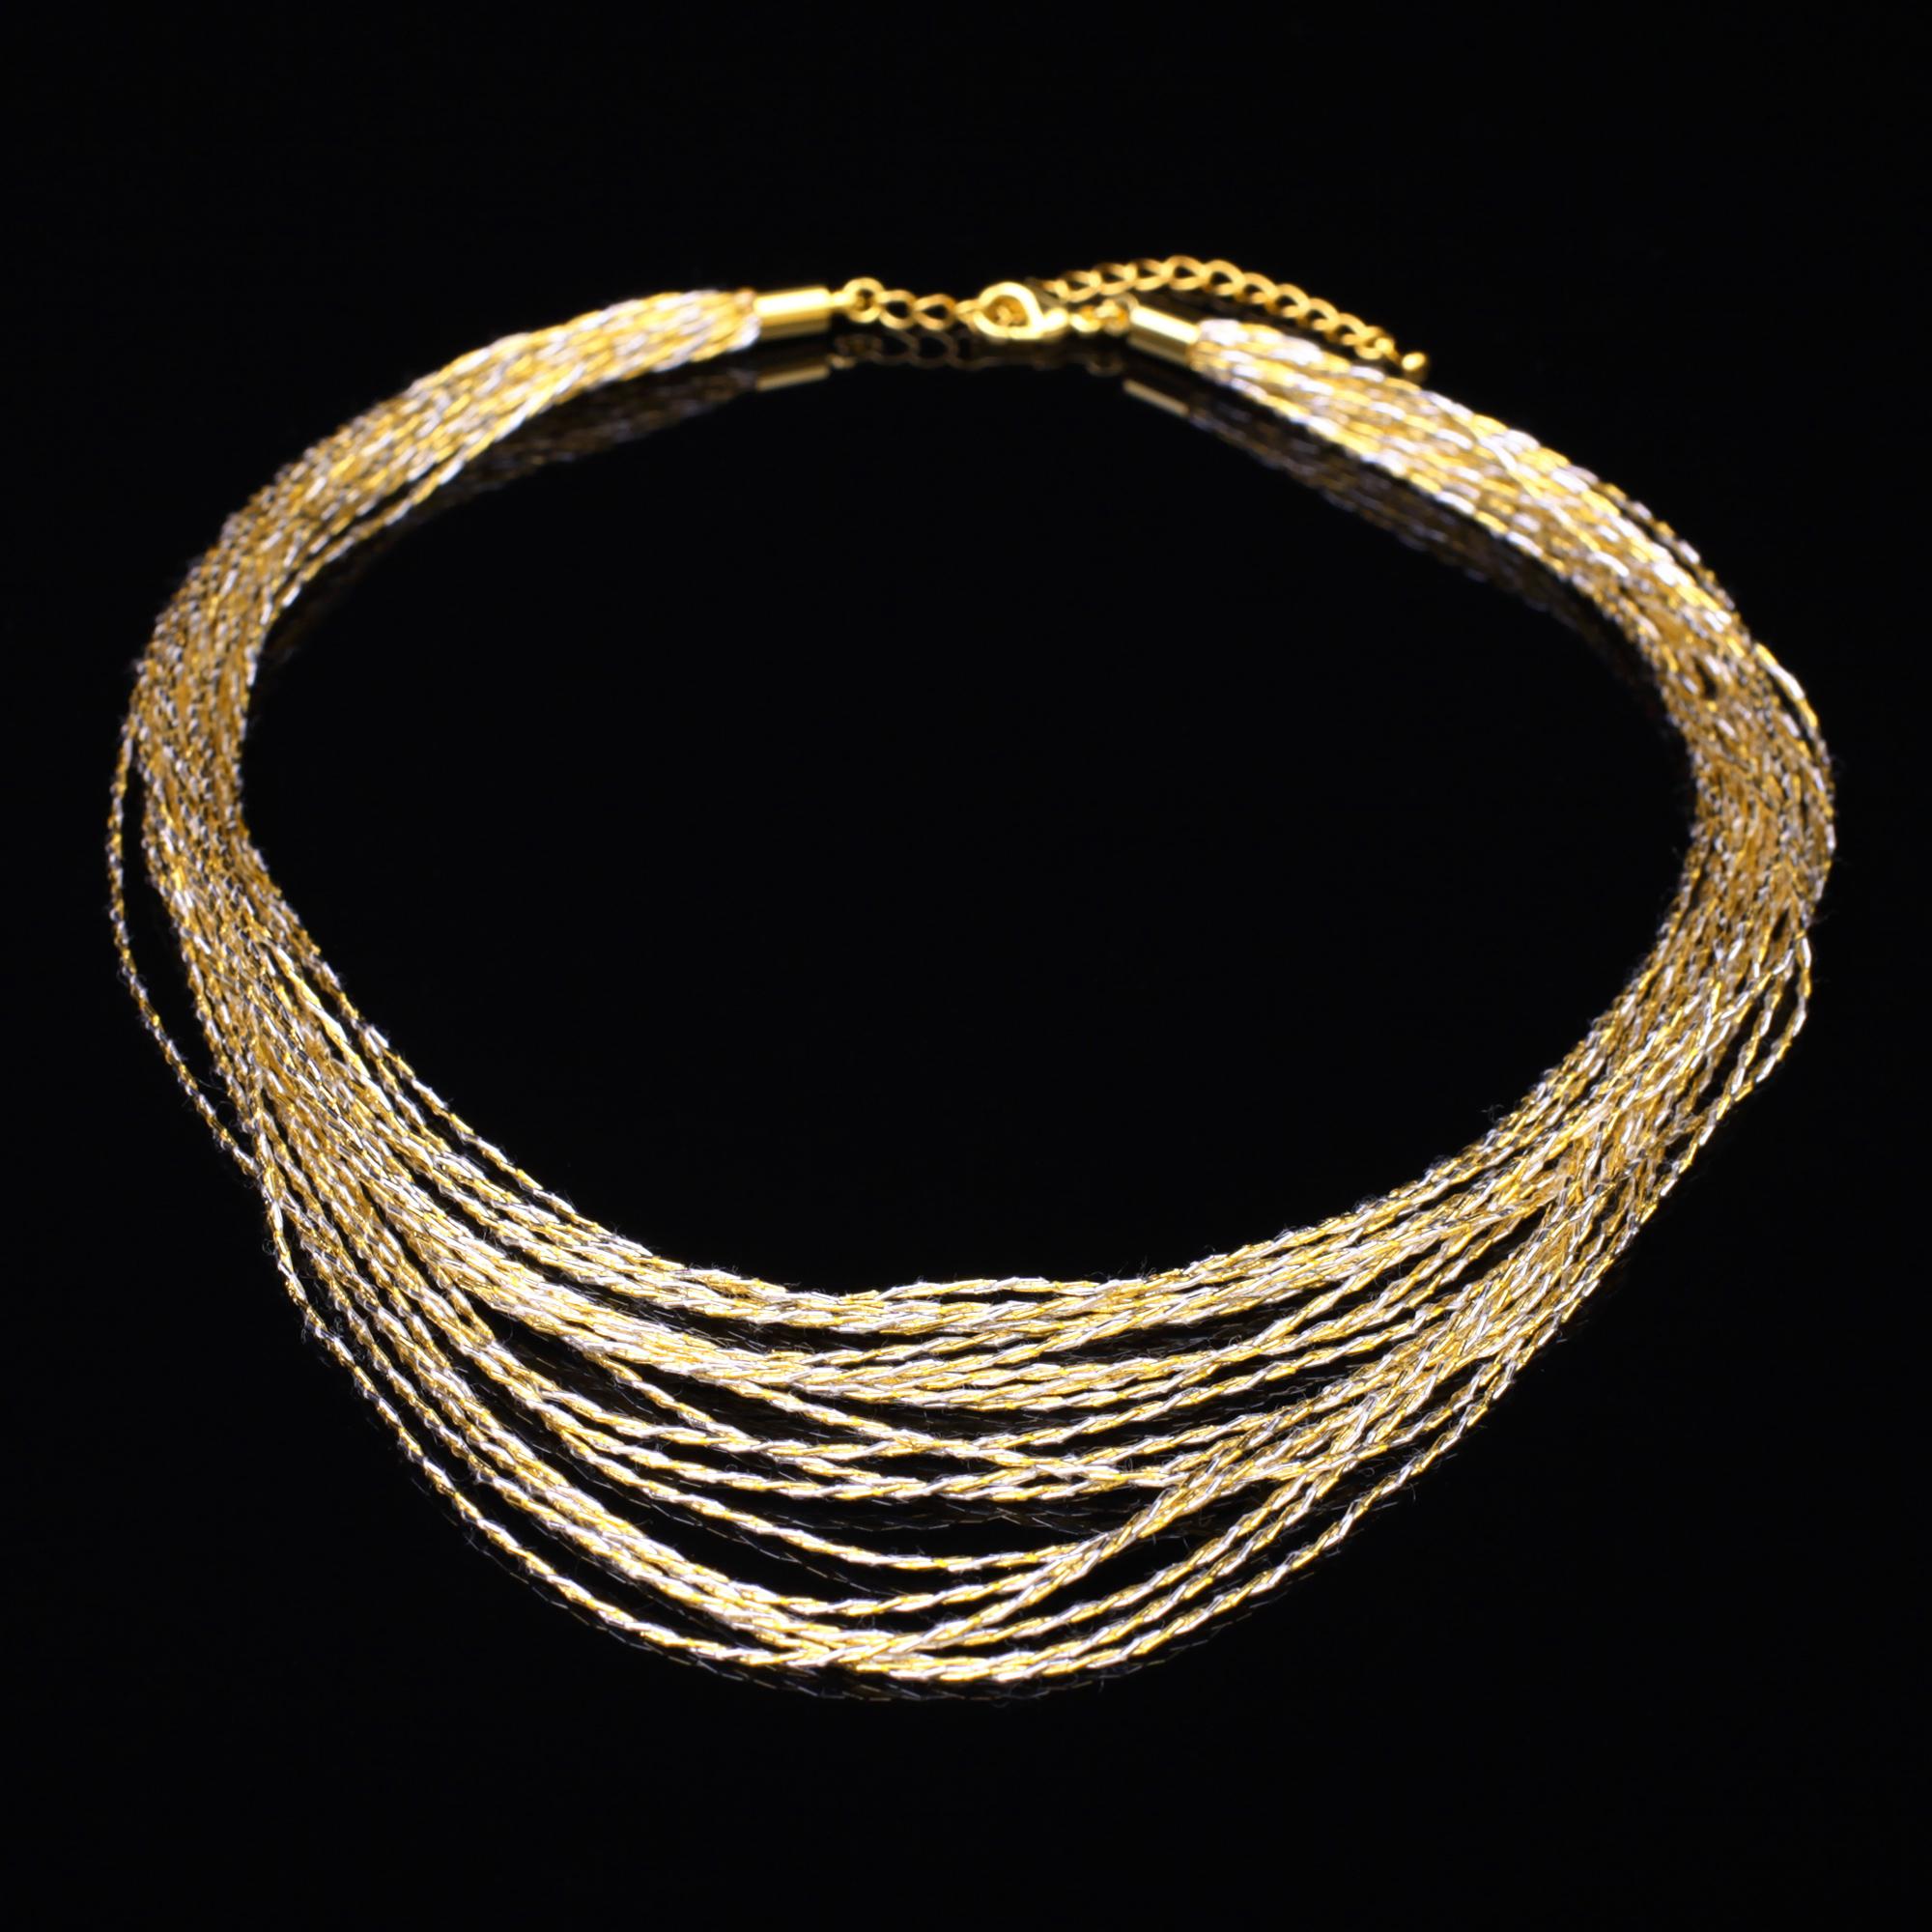 和の彩 金銀糸ネックレス/ペンダントの商品写真です。型番:659-084 画像その1